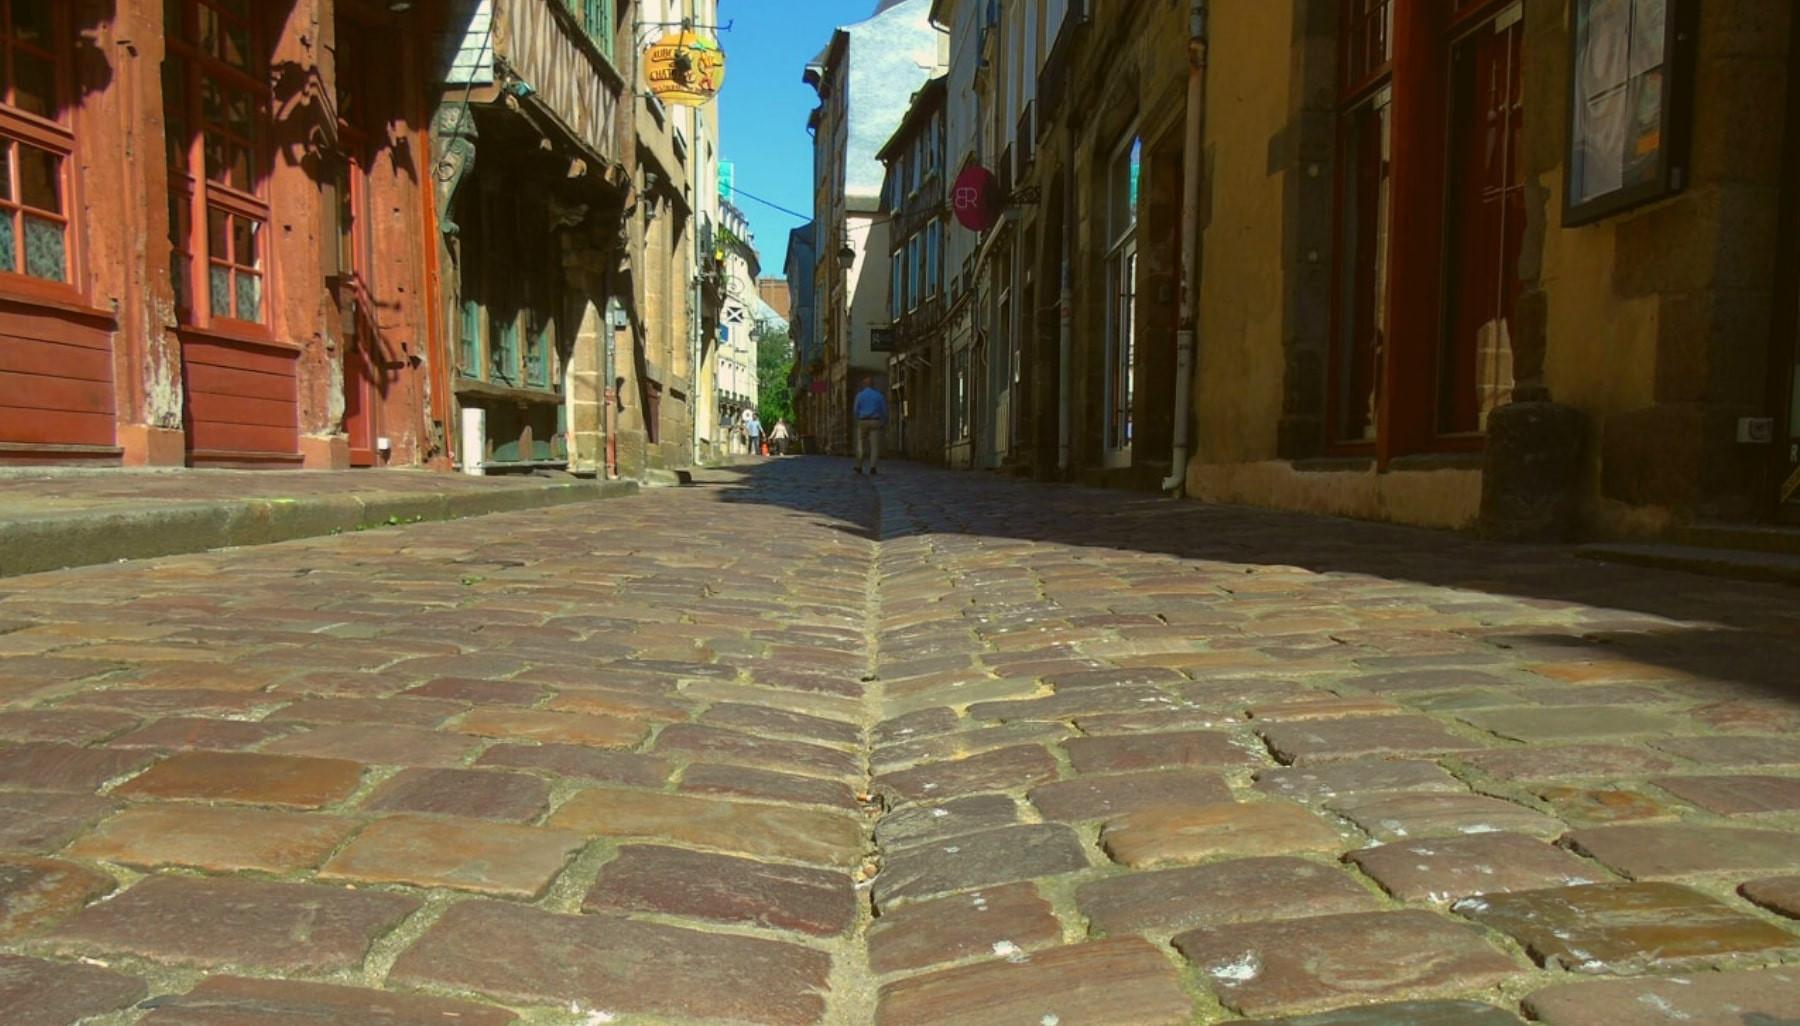 Découvrir Rennes avec une activité insolite et touristique